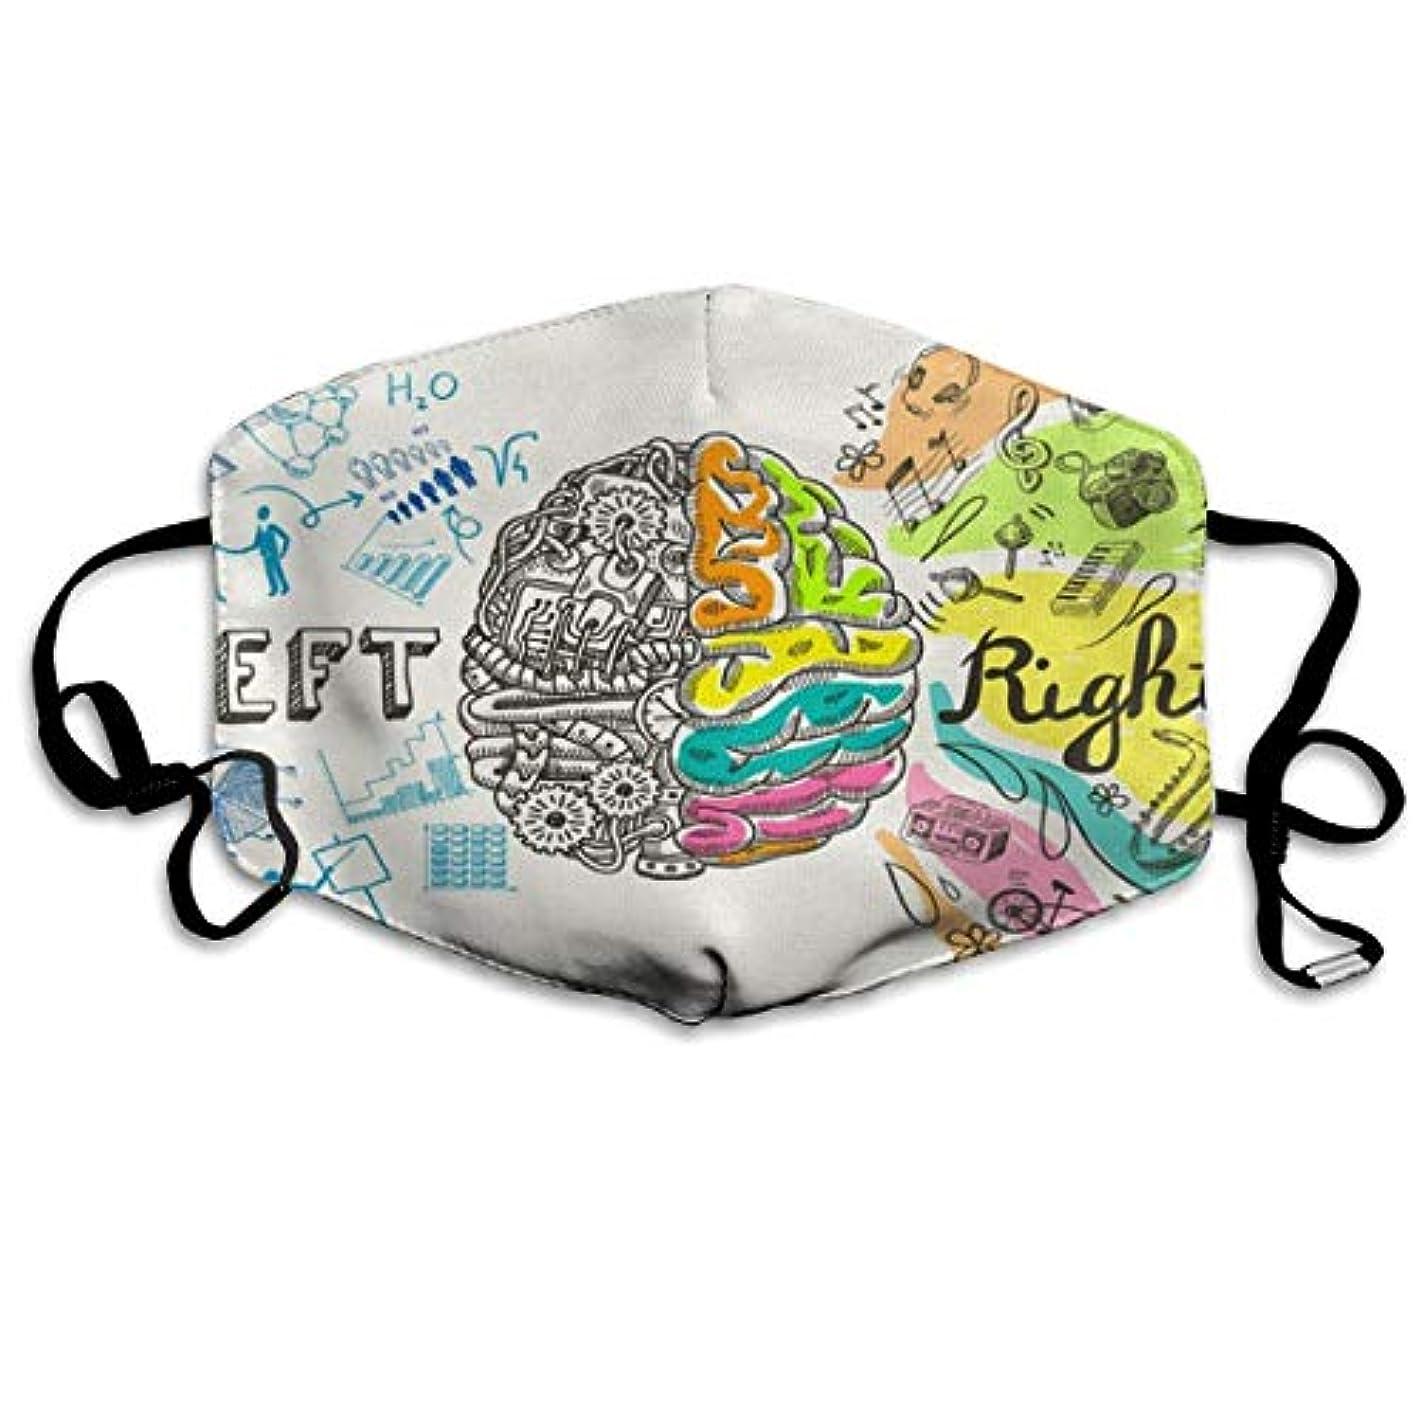 トピック本を読む急勾配のEmoti レディースメンズキッズのための脳の左と右の分析クリエイティブ半球スケッチ落書きハンド再利用可能な綿の口のマスクに、ファッションアンチダストフェイスマスク